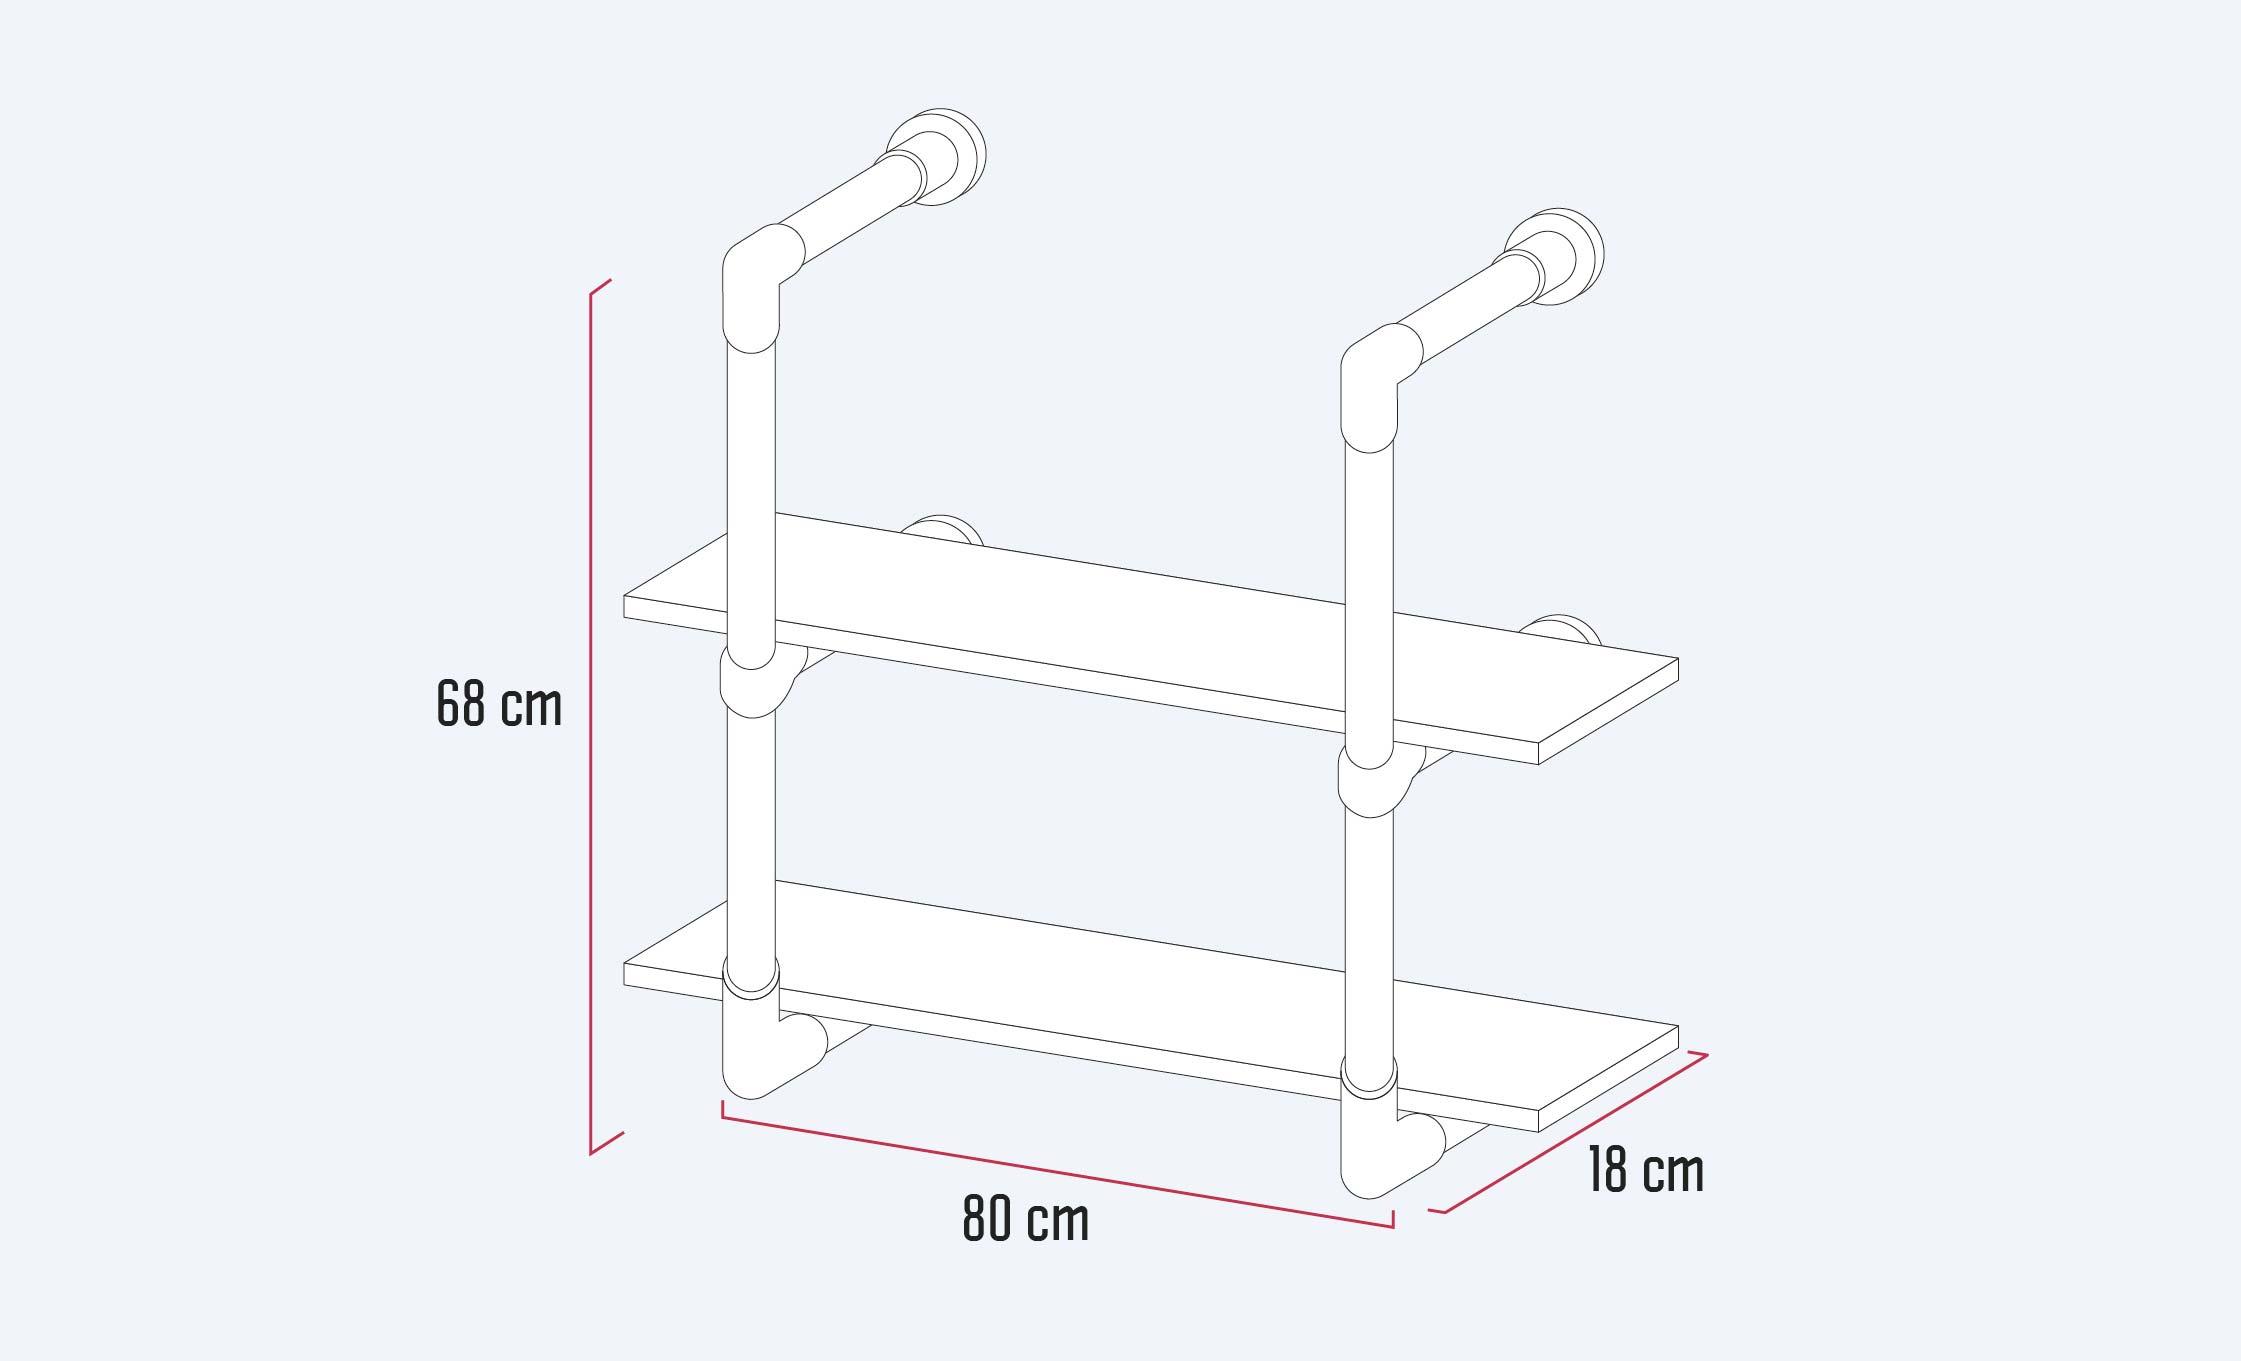 repisa de cocina de 80 cm de ancho, 18 cm de fondo y 68 cm de alto